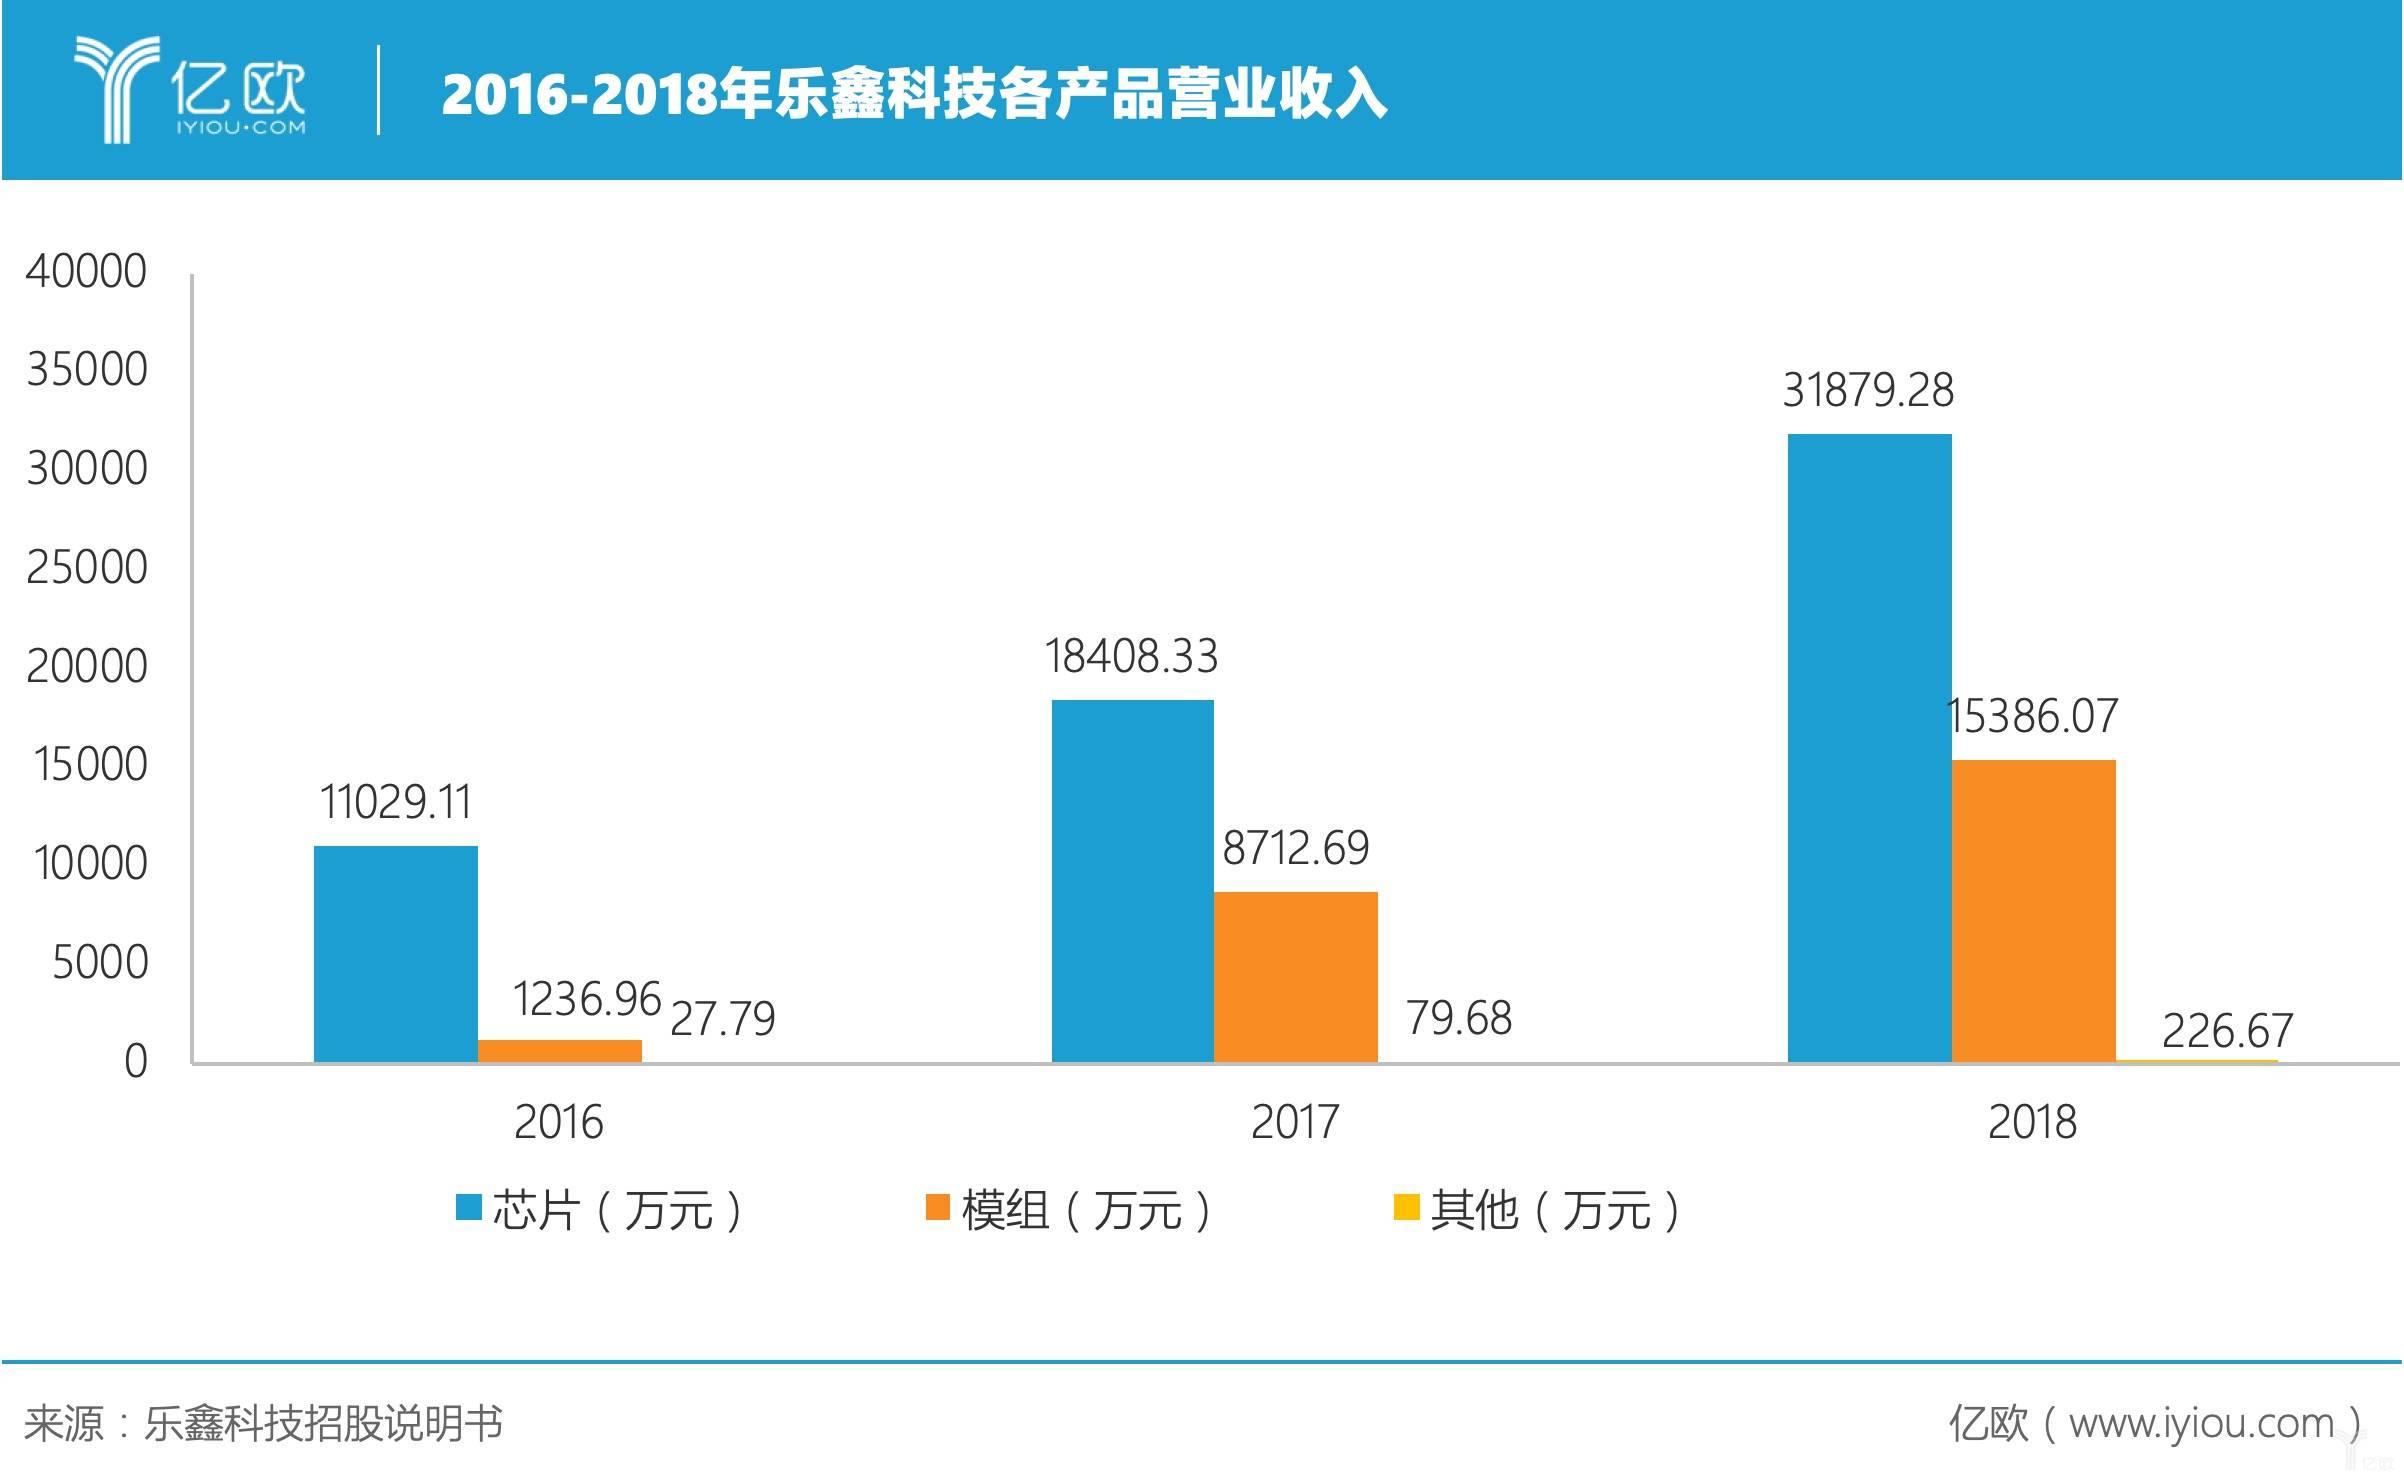 乐鑫科技场景爆发 卡位通信芯片 掘金全球AIoT市场